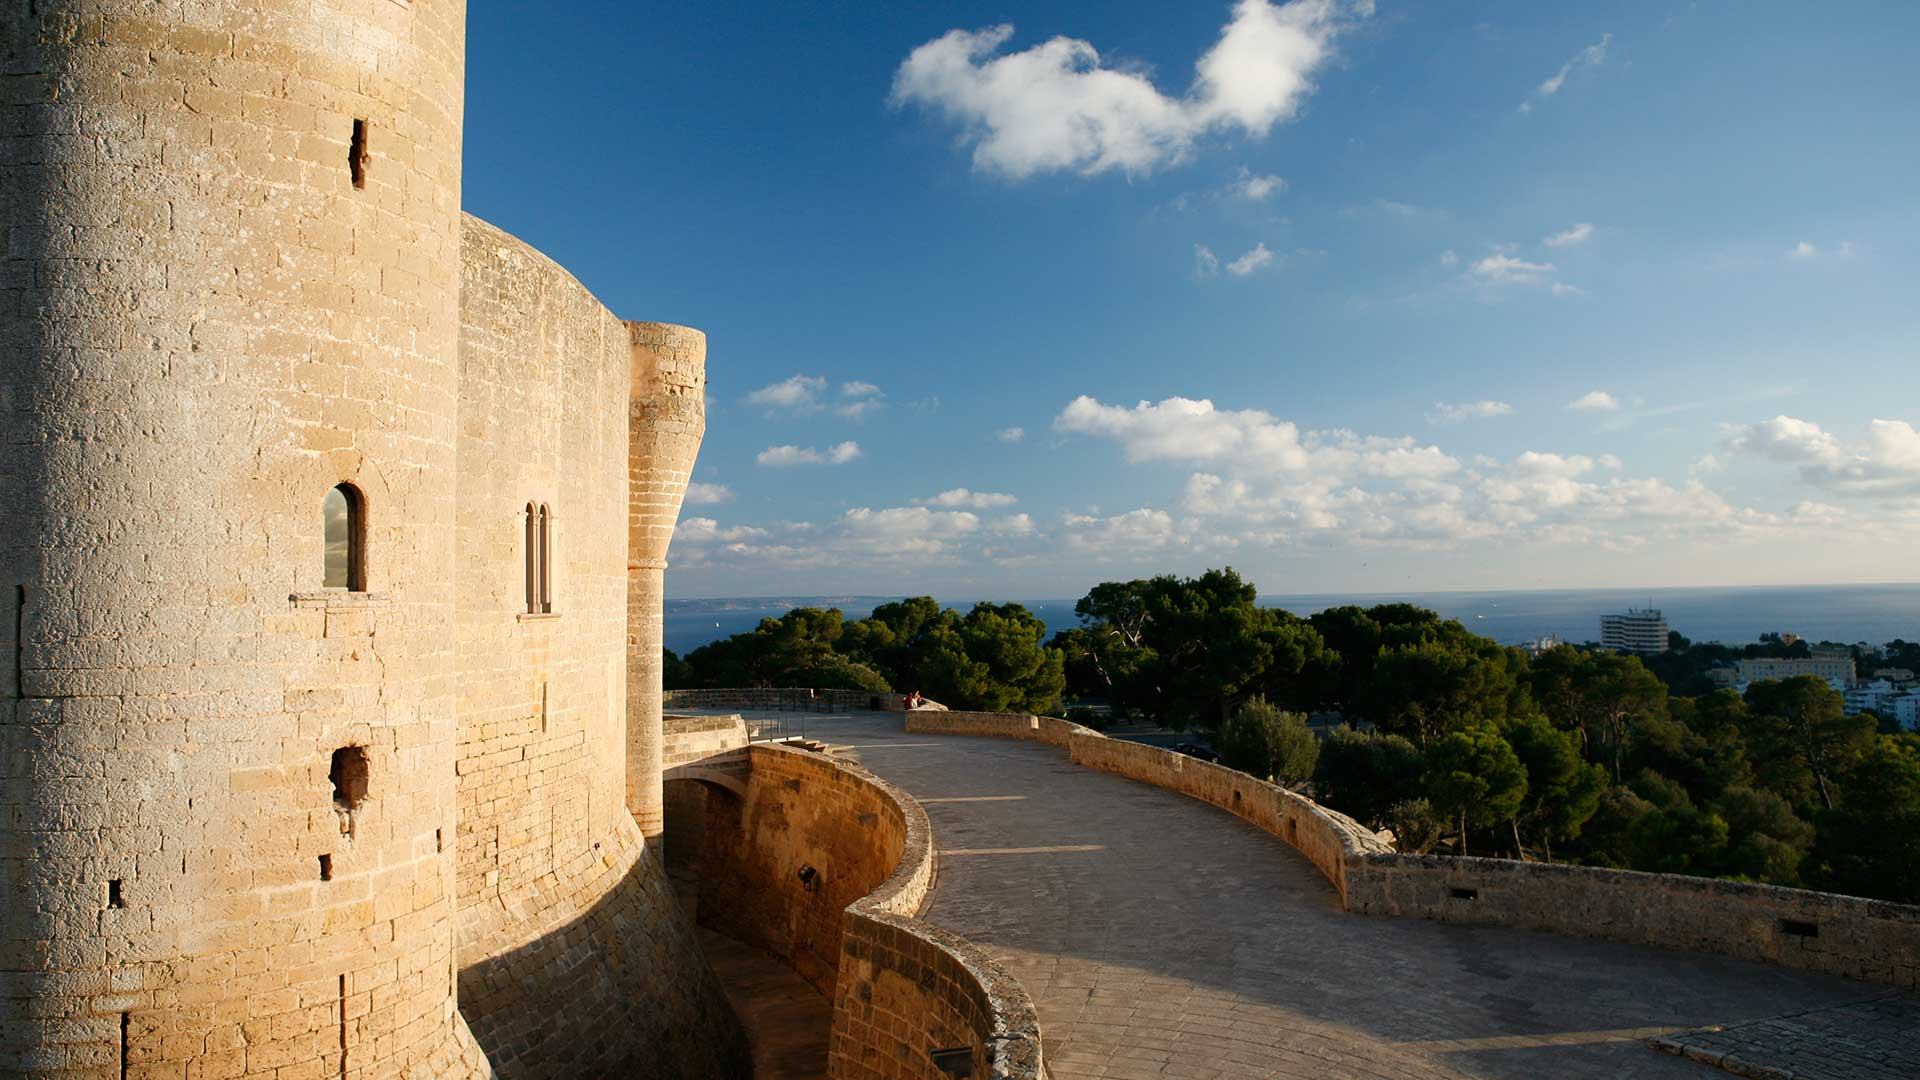 Vista desde las terrazas del Castillo de Bellver